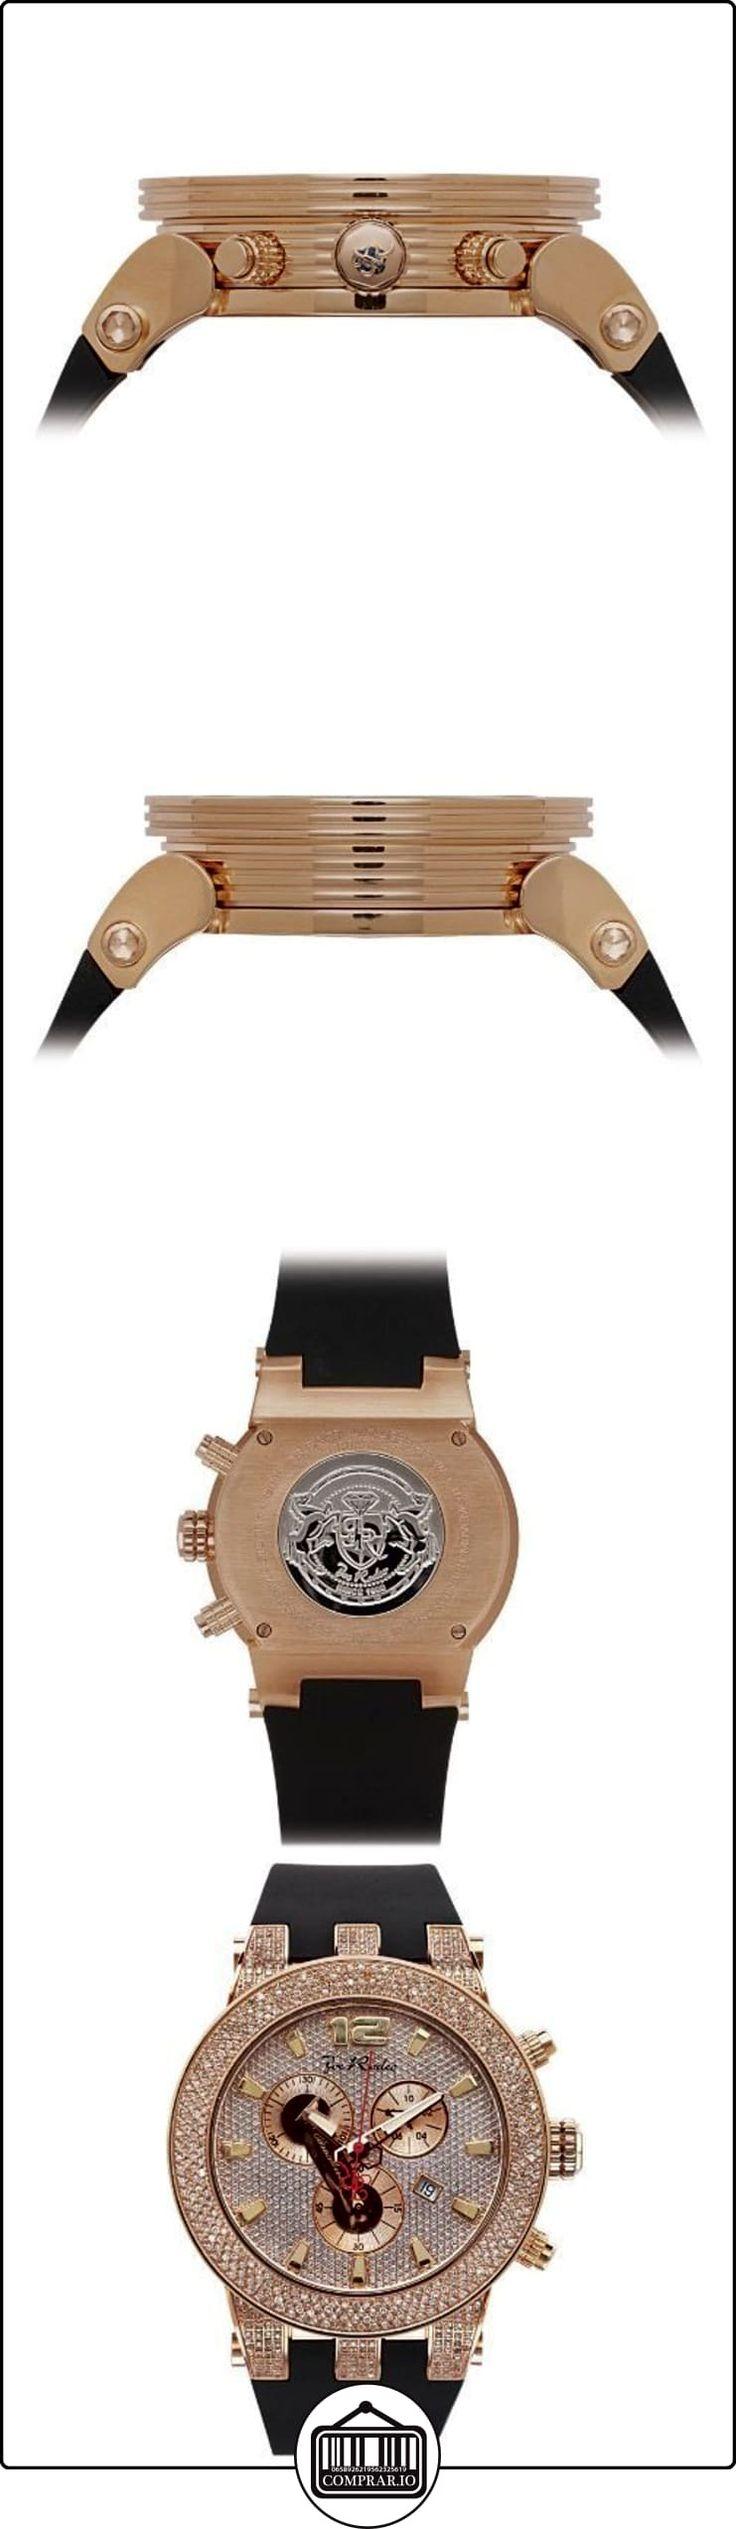 JOE RODEO jrbr6 - Reloj para hombres de  ✿ Relojes para hombre - (Lujo) ✿